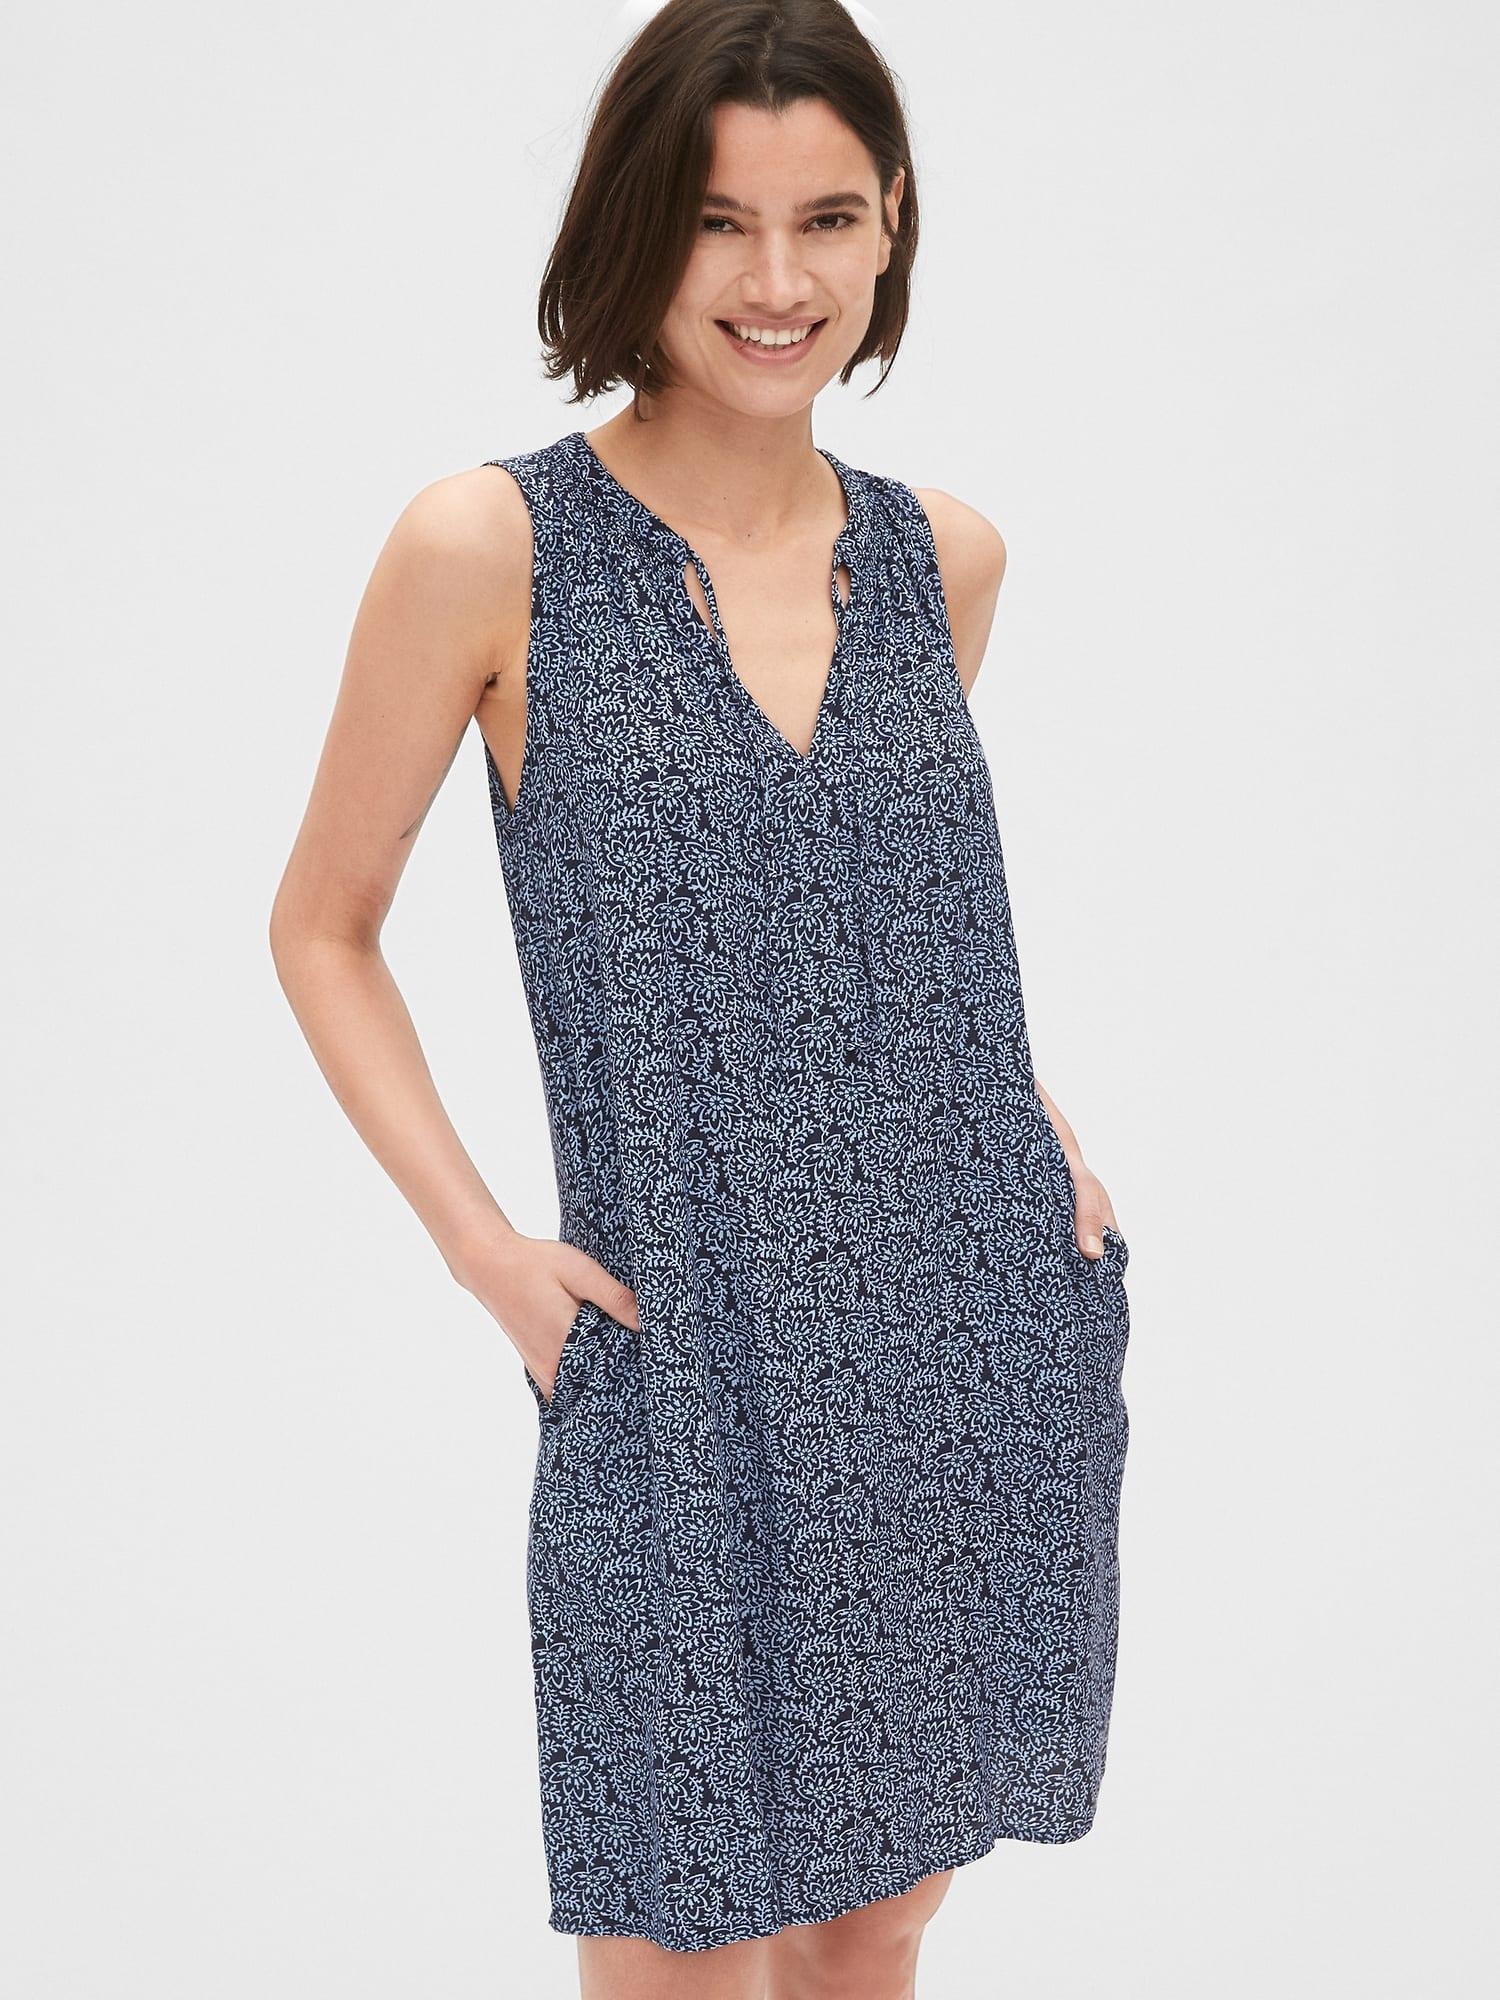 cfdb3ea27a9ea Lyst - Gap Print Sleeveless Tie-neck Swing Dress in Blue